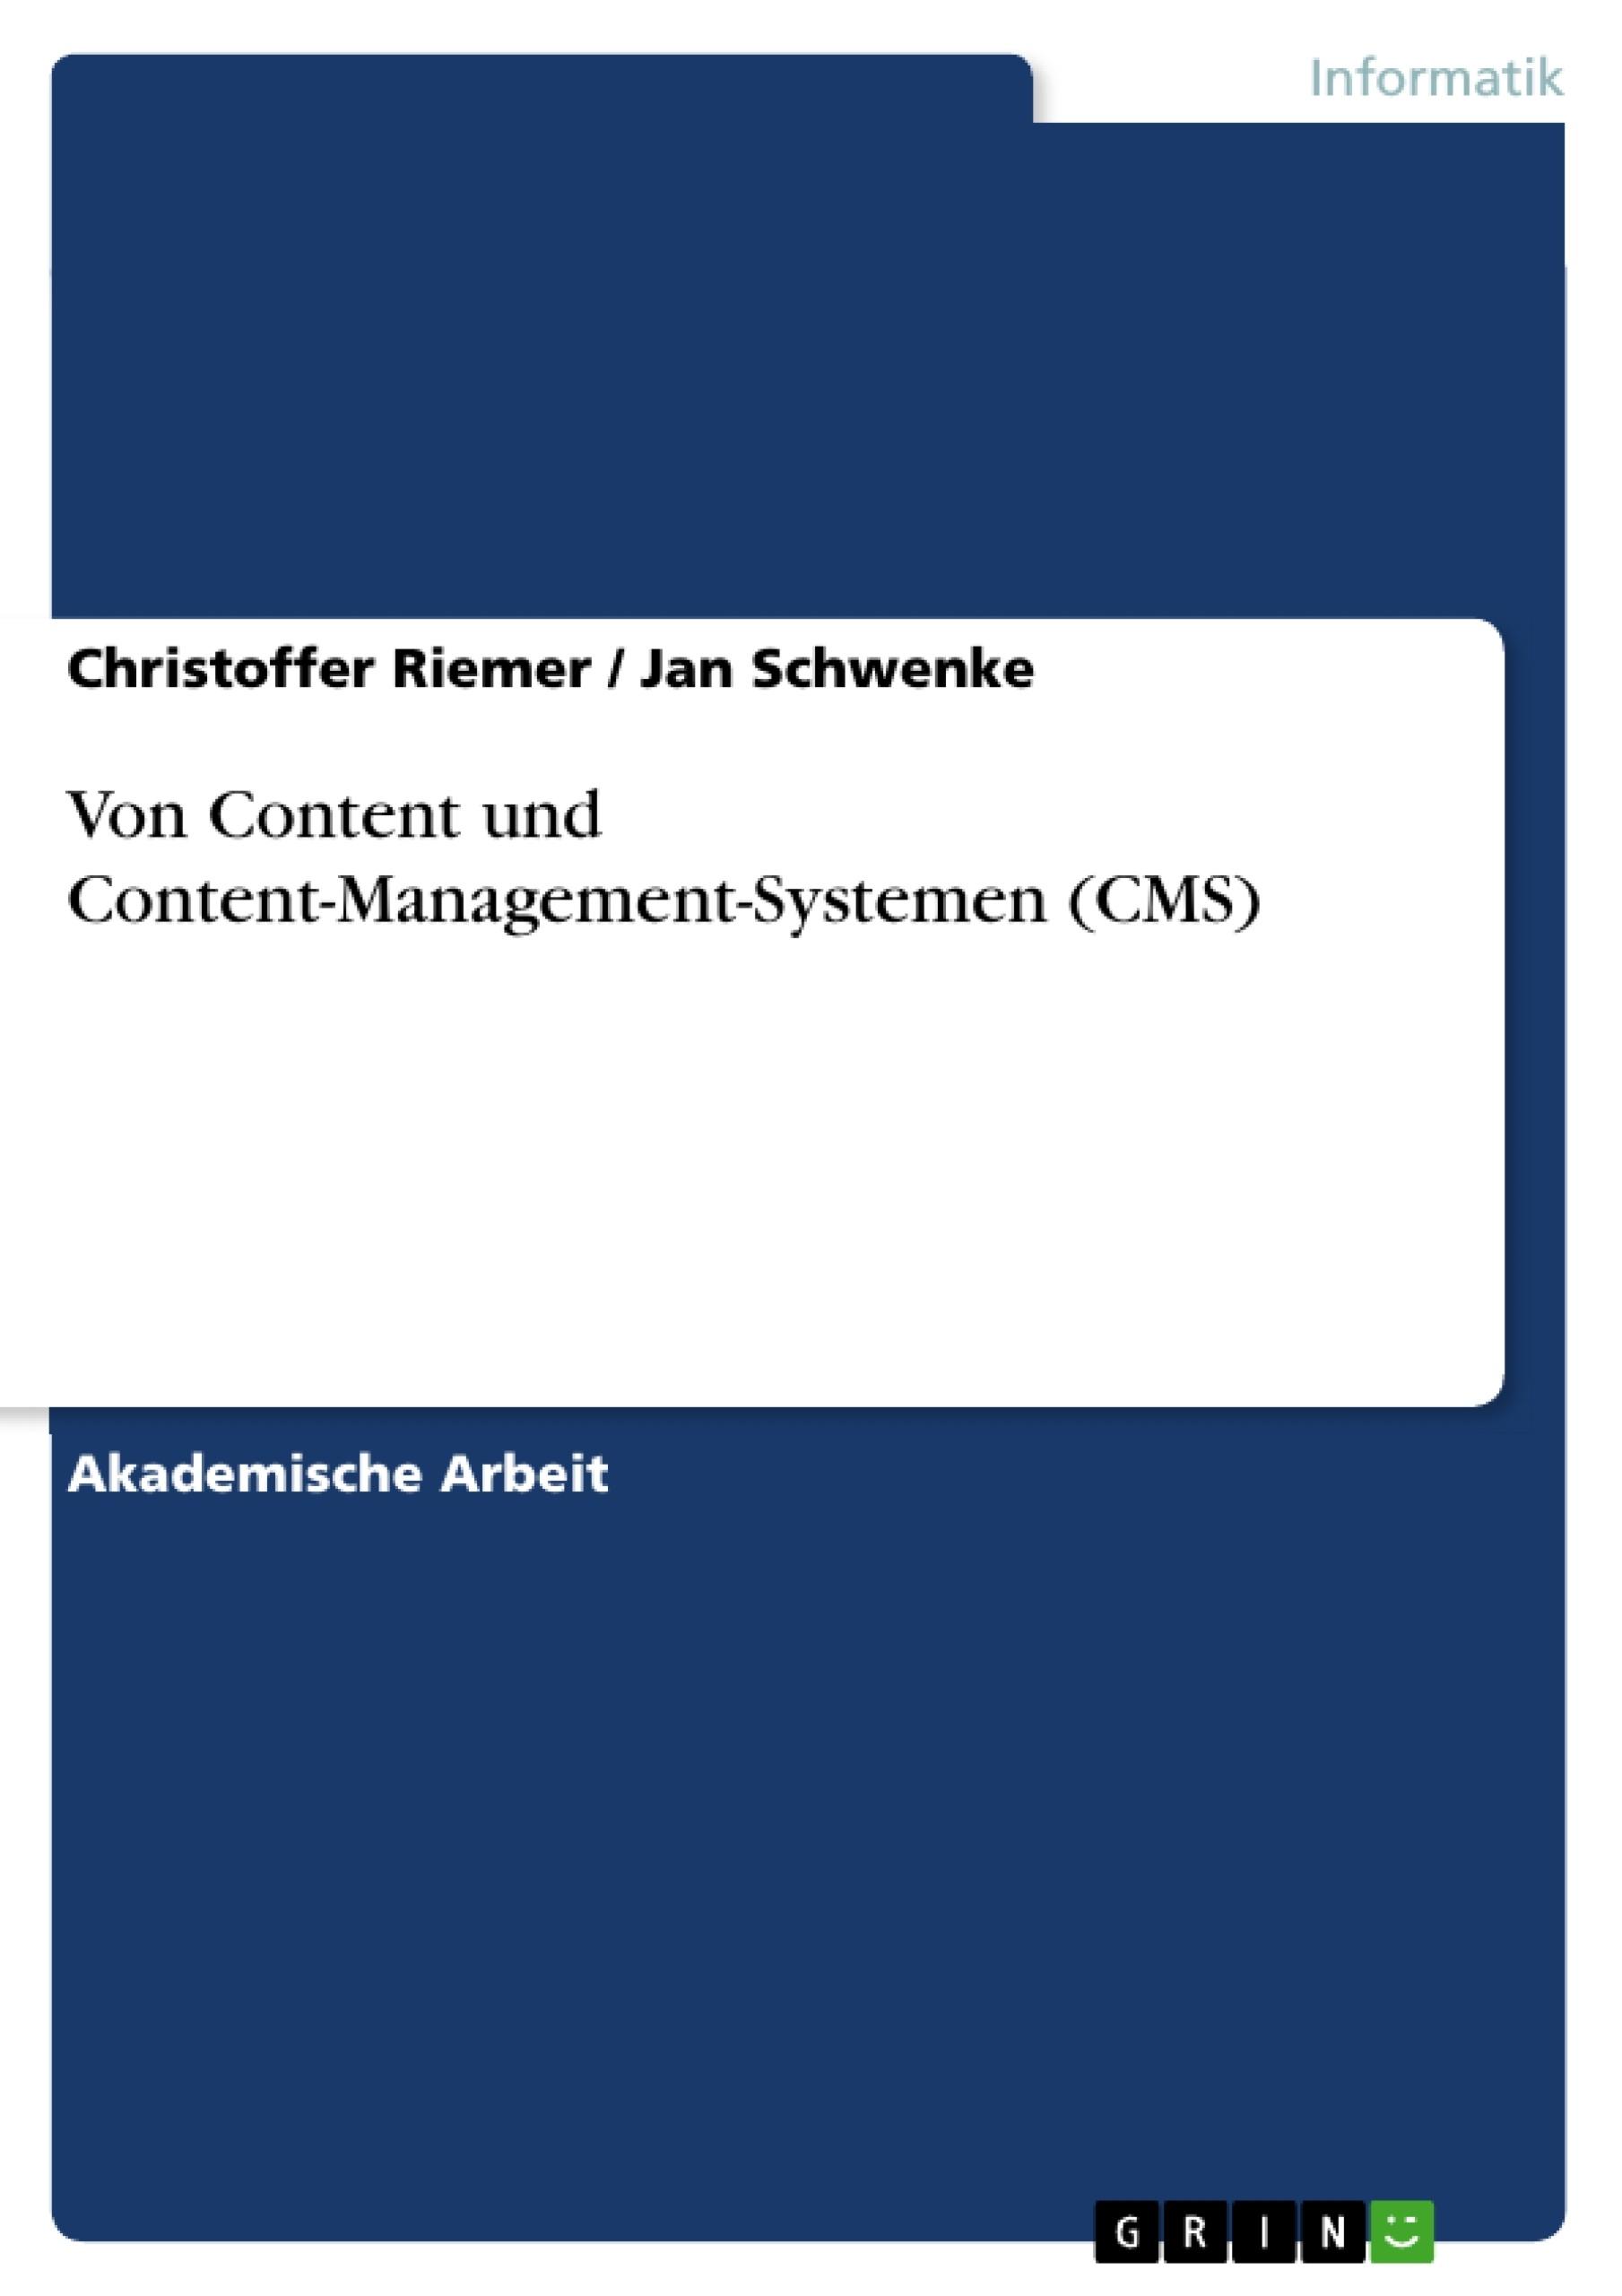 Titel: Von Content und Content-Management-Systemen (CMS)